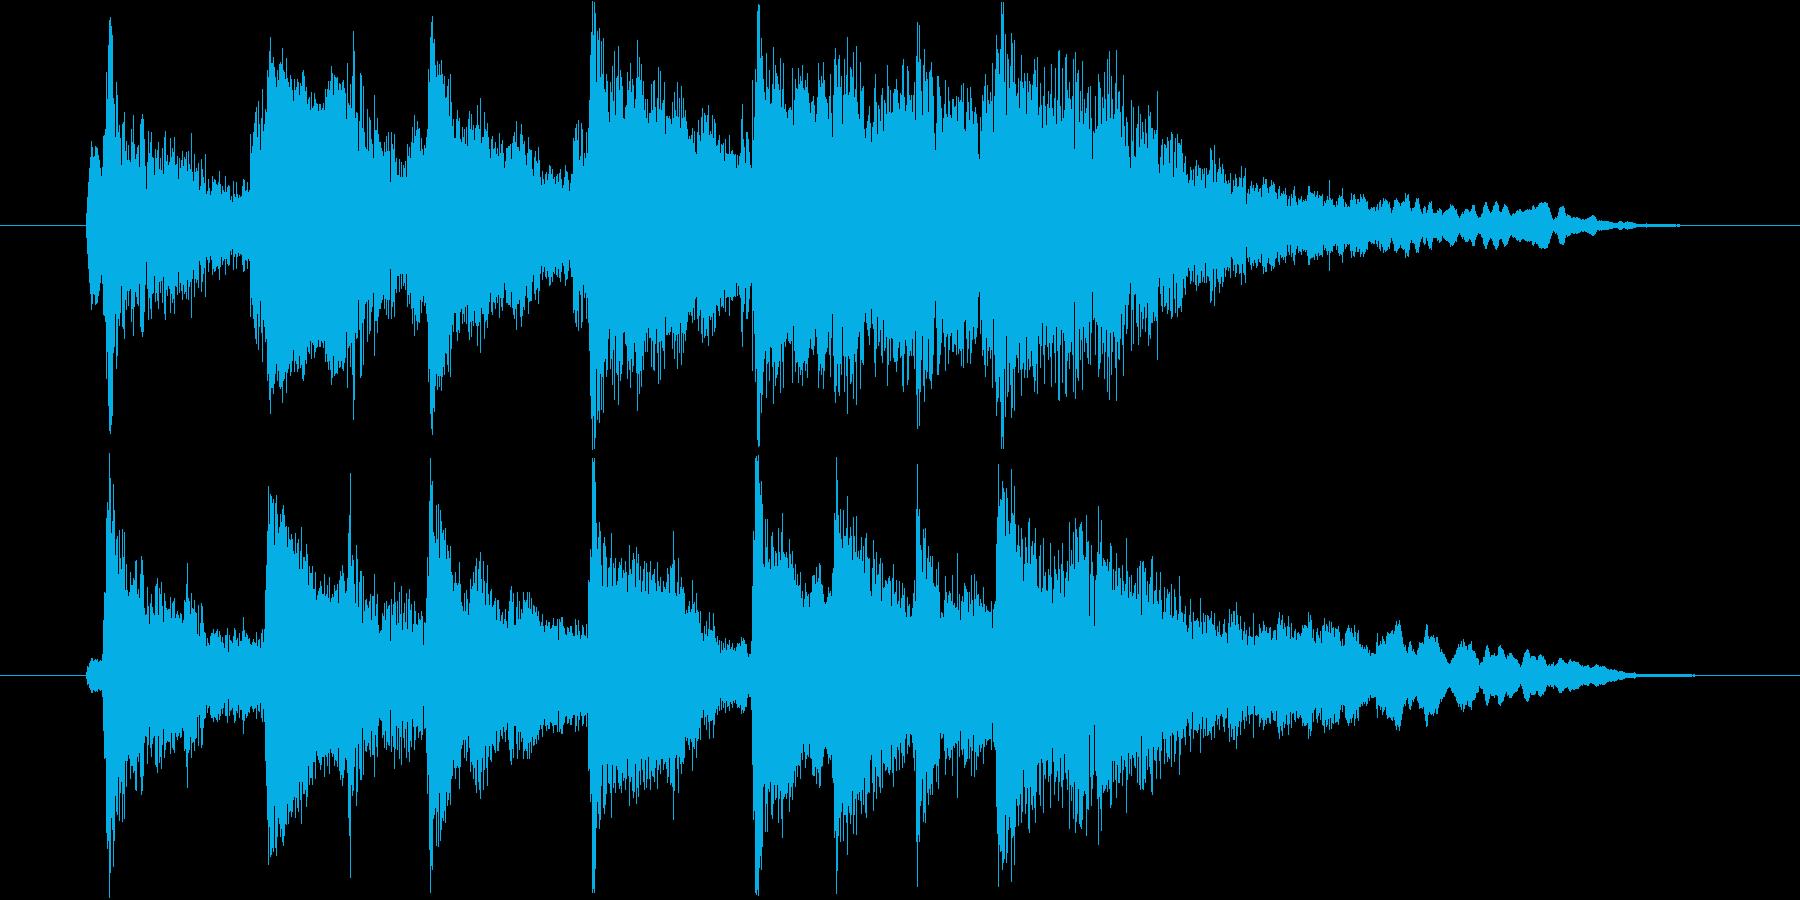 琴・尺八・和太鼓・笛の上品な和風ロゴの再生済みの波形